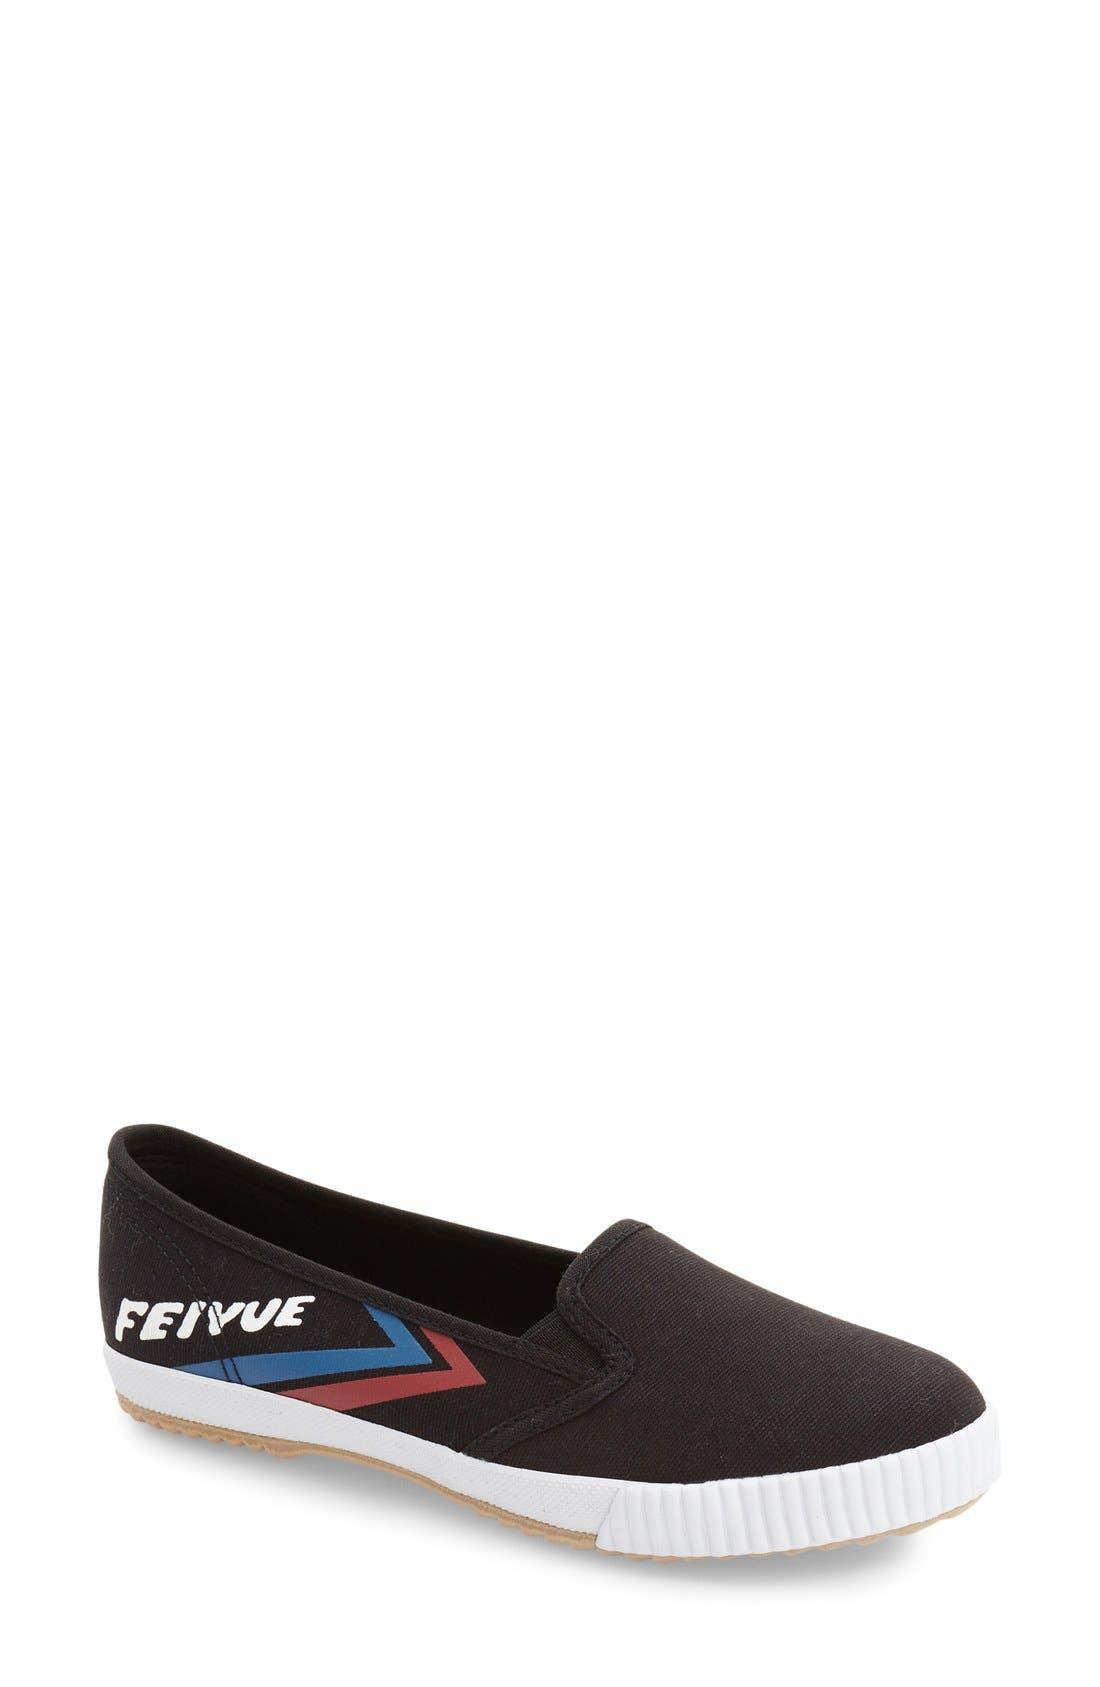 FEIYUE. 'Fe Lo' Slip-On Sneaker